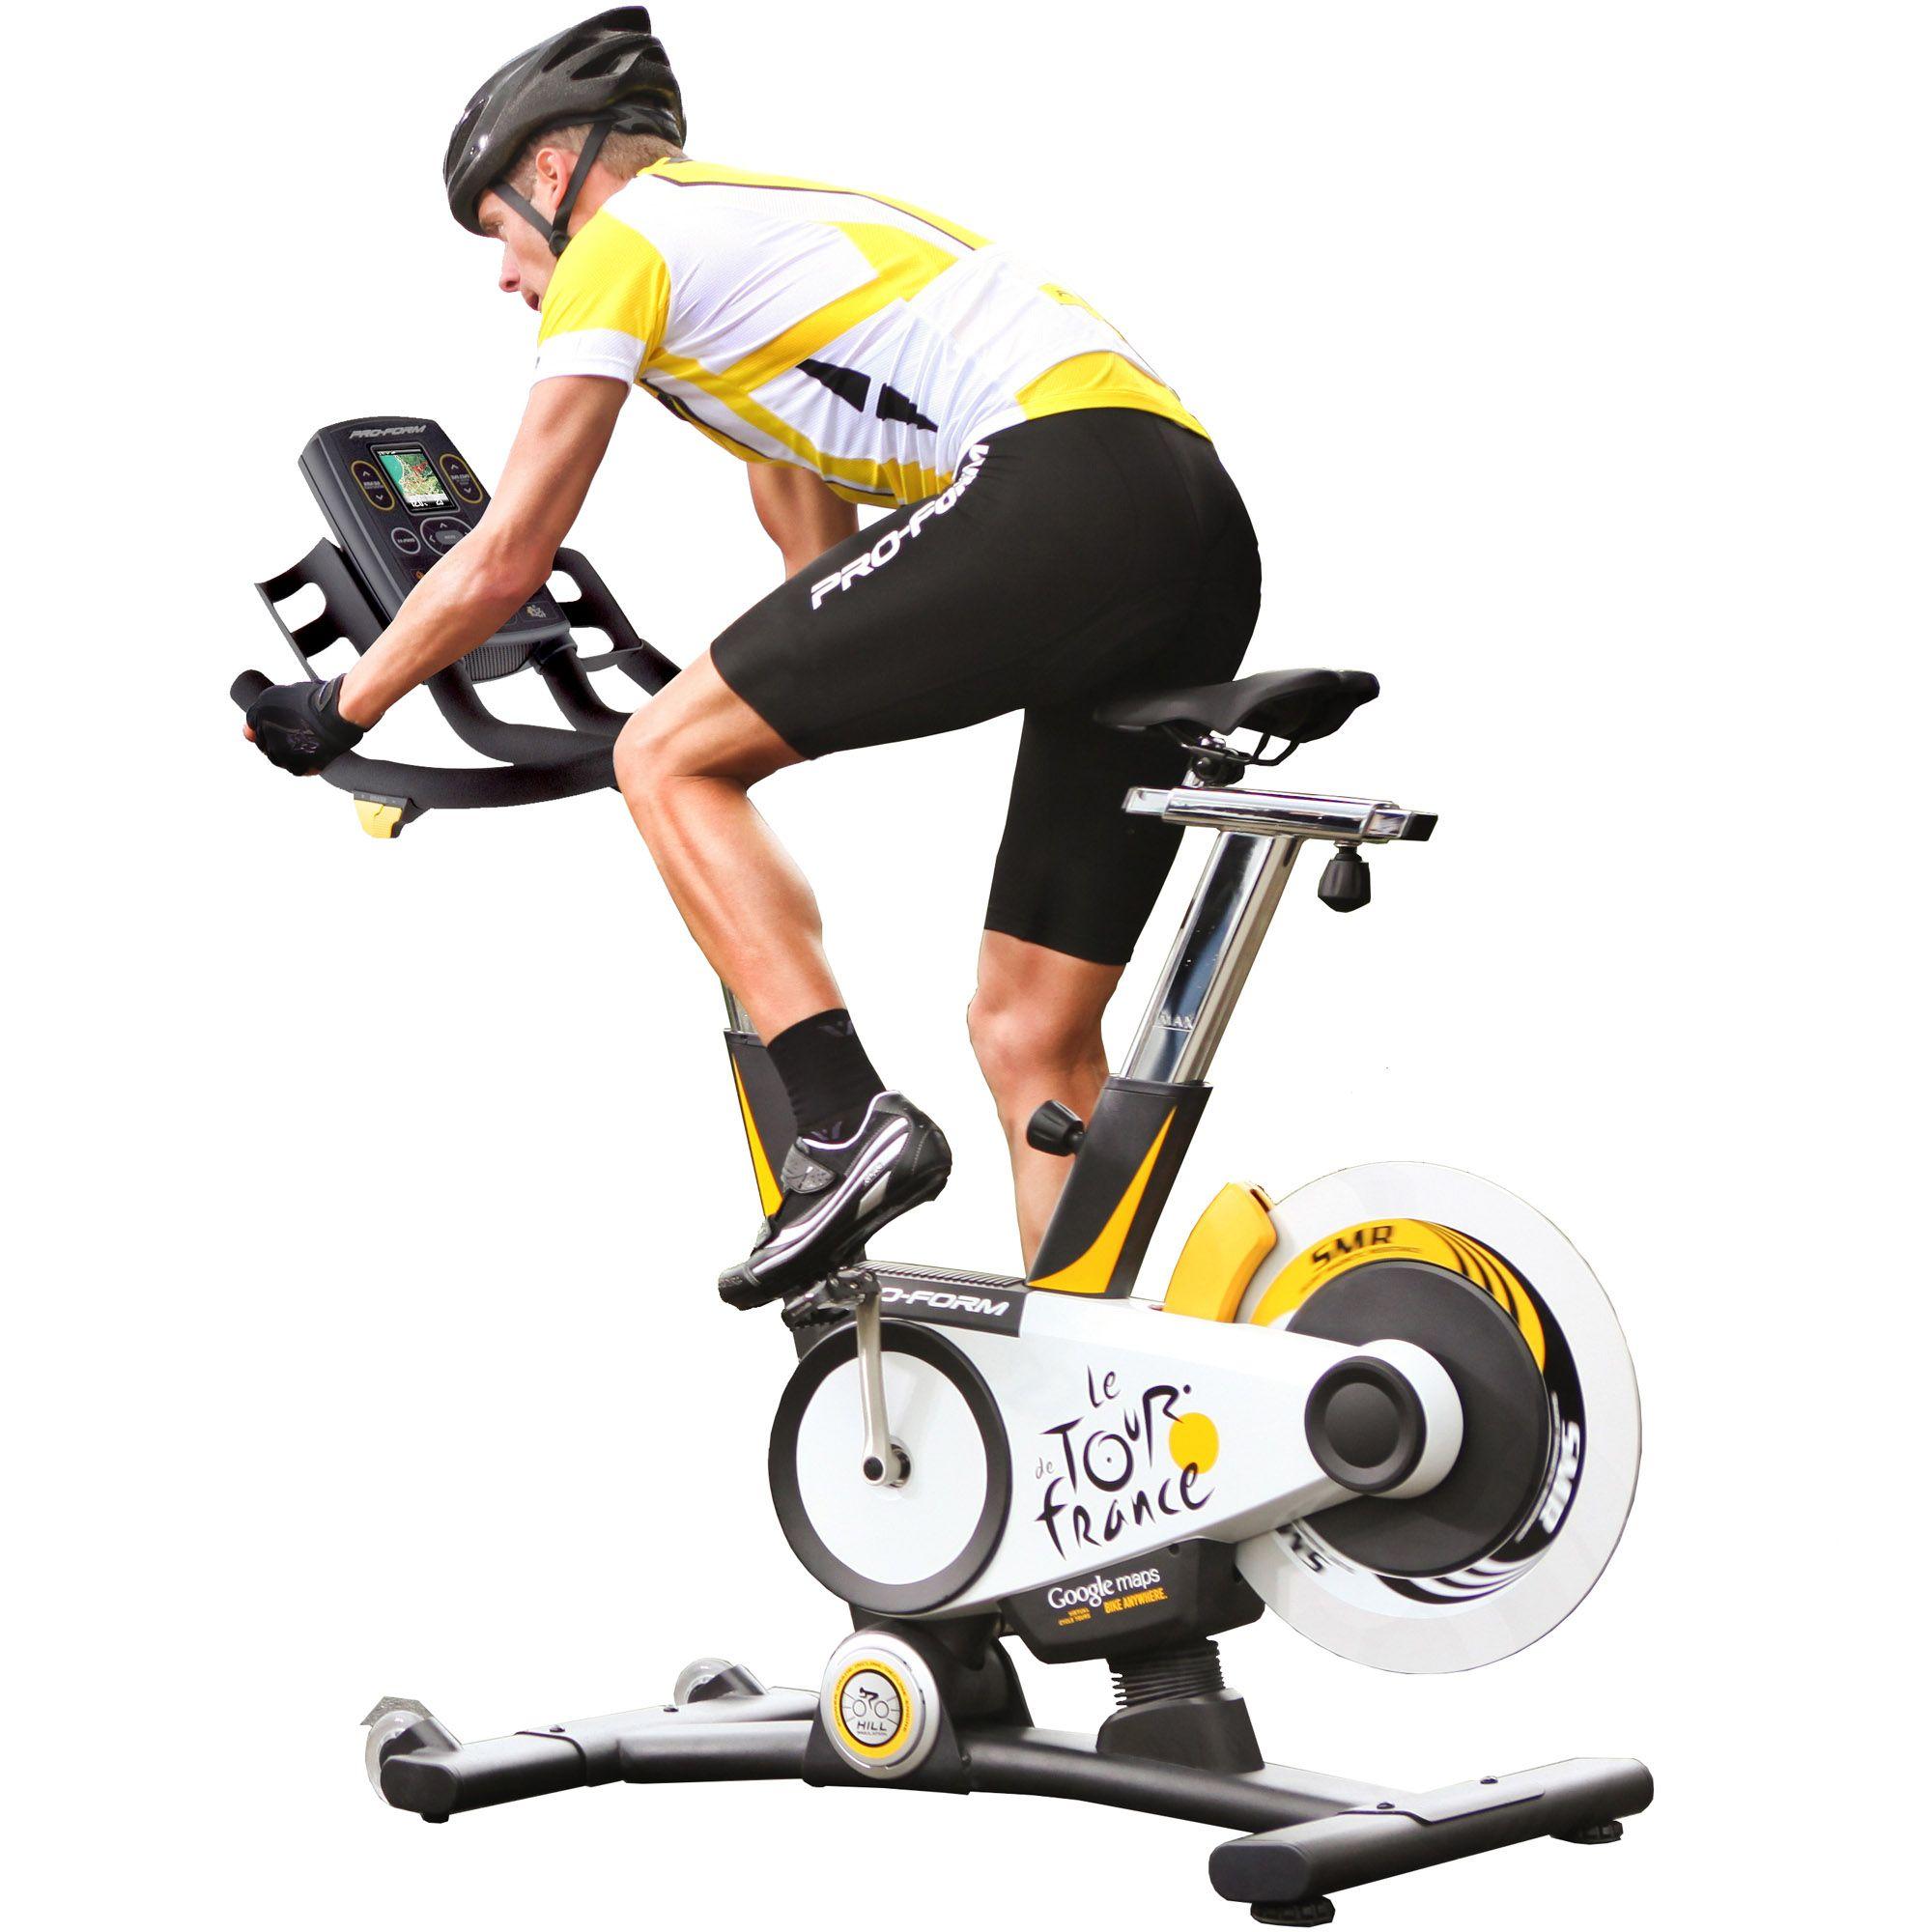 Proform Tour De France 2 0 Exercise Bike: ProForm Tour De France Indoor Cycle